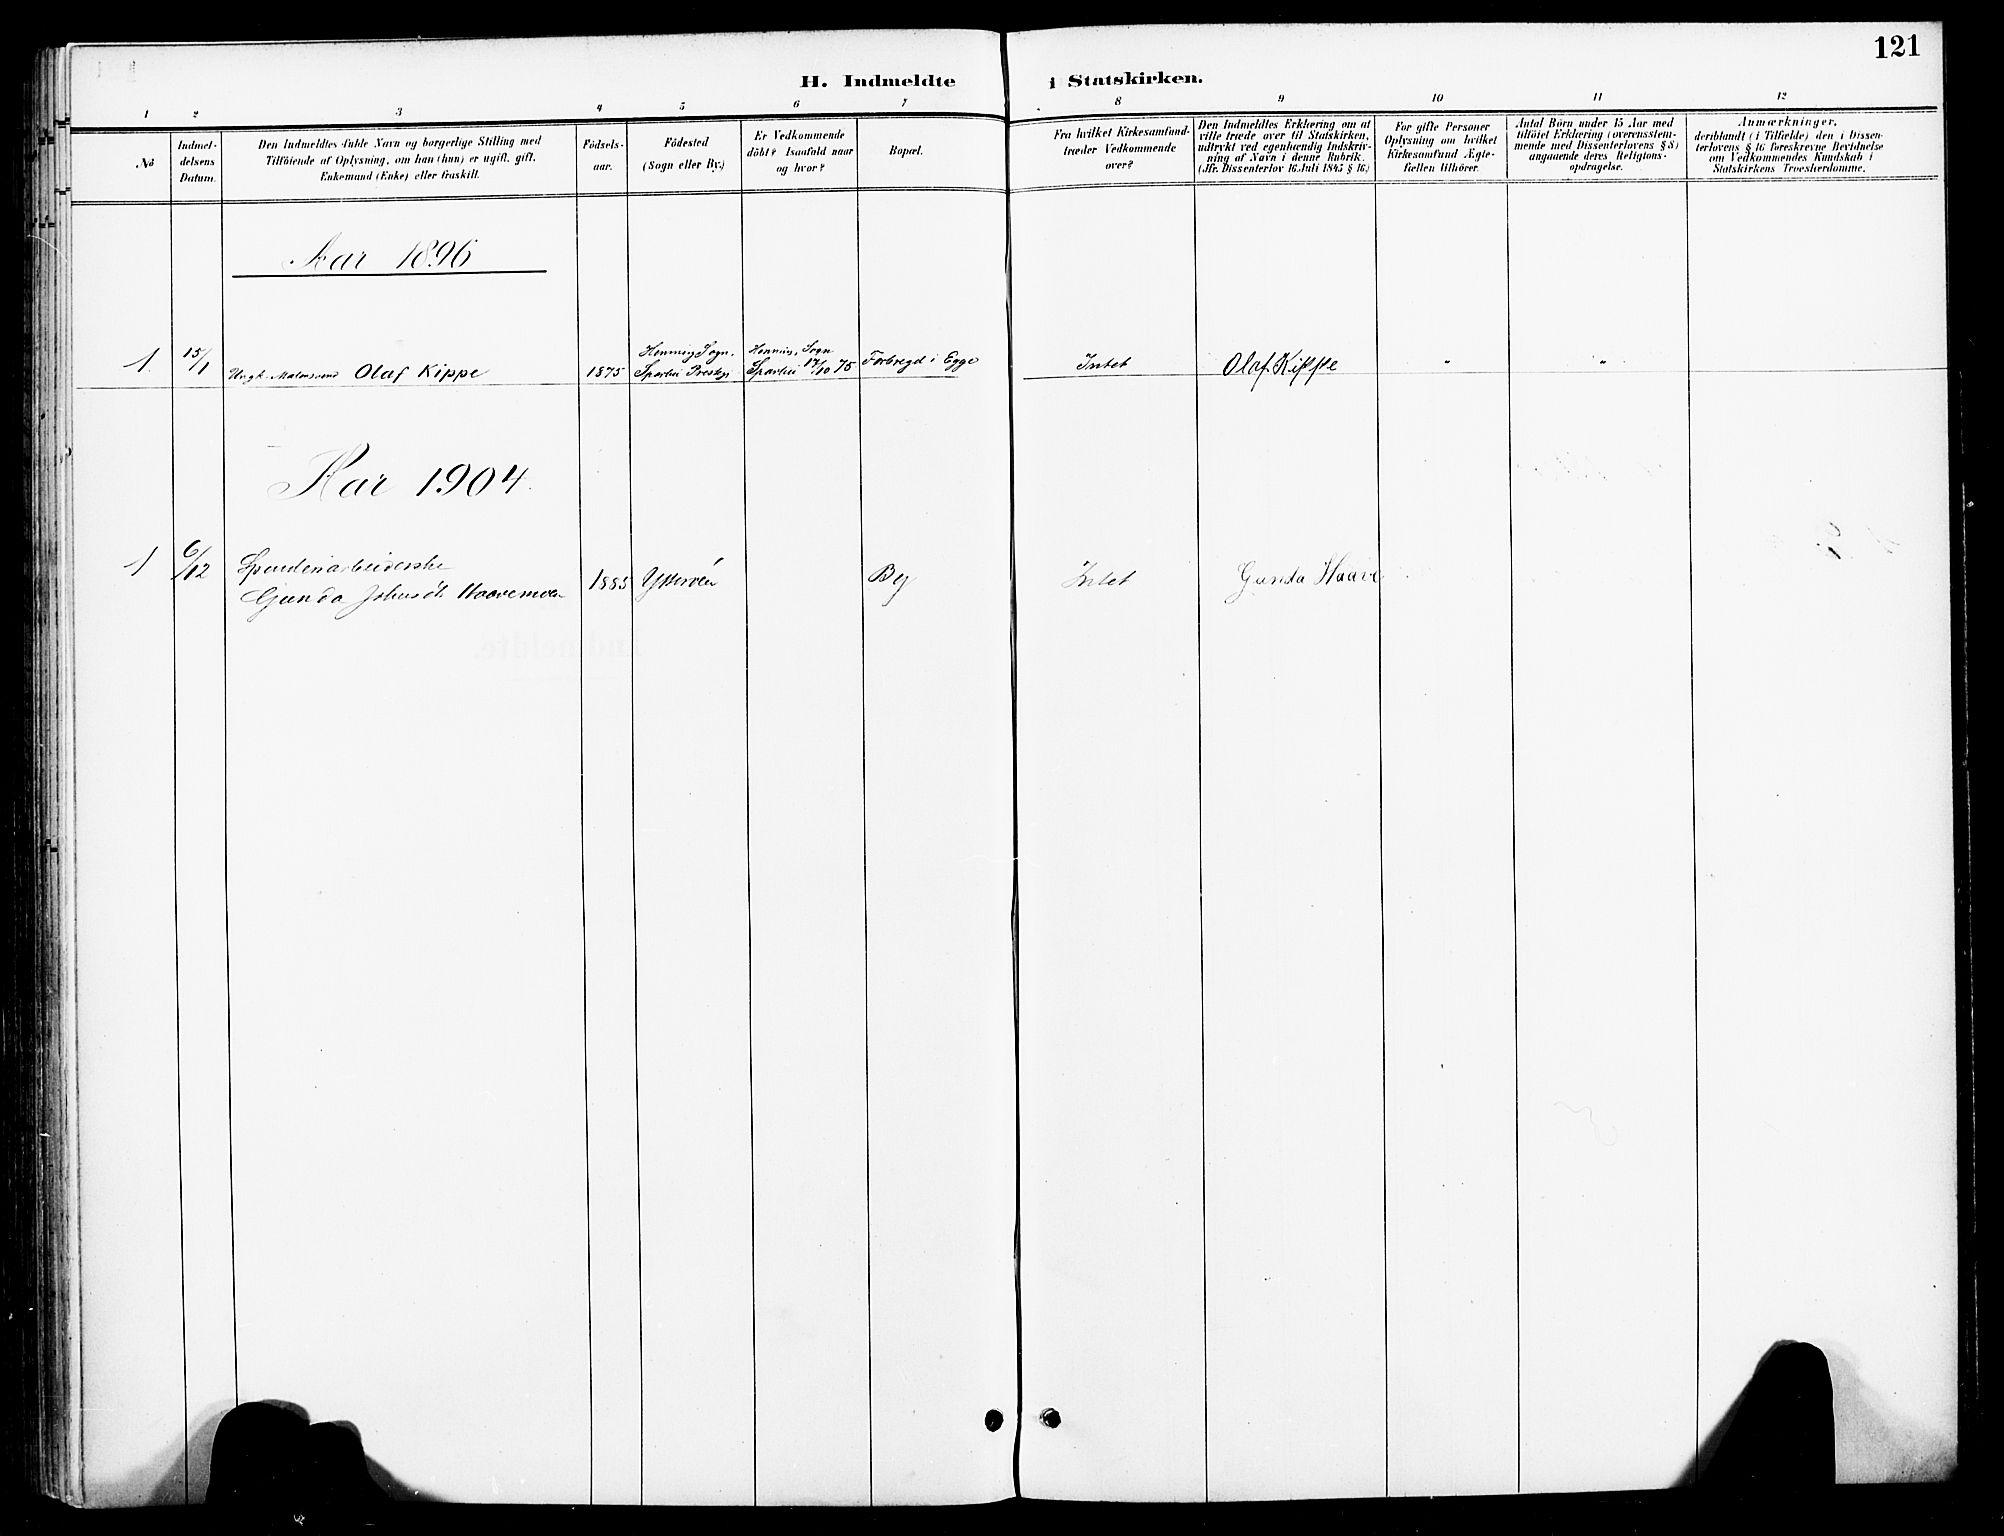 SAT, Ministerialprotokoller, klokkerbøker og fødselsregistre - Nord-Trøndelag, 740/L0379: Ministerialbok nr. 740A02, 1895-1907, s. 121